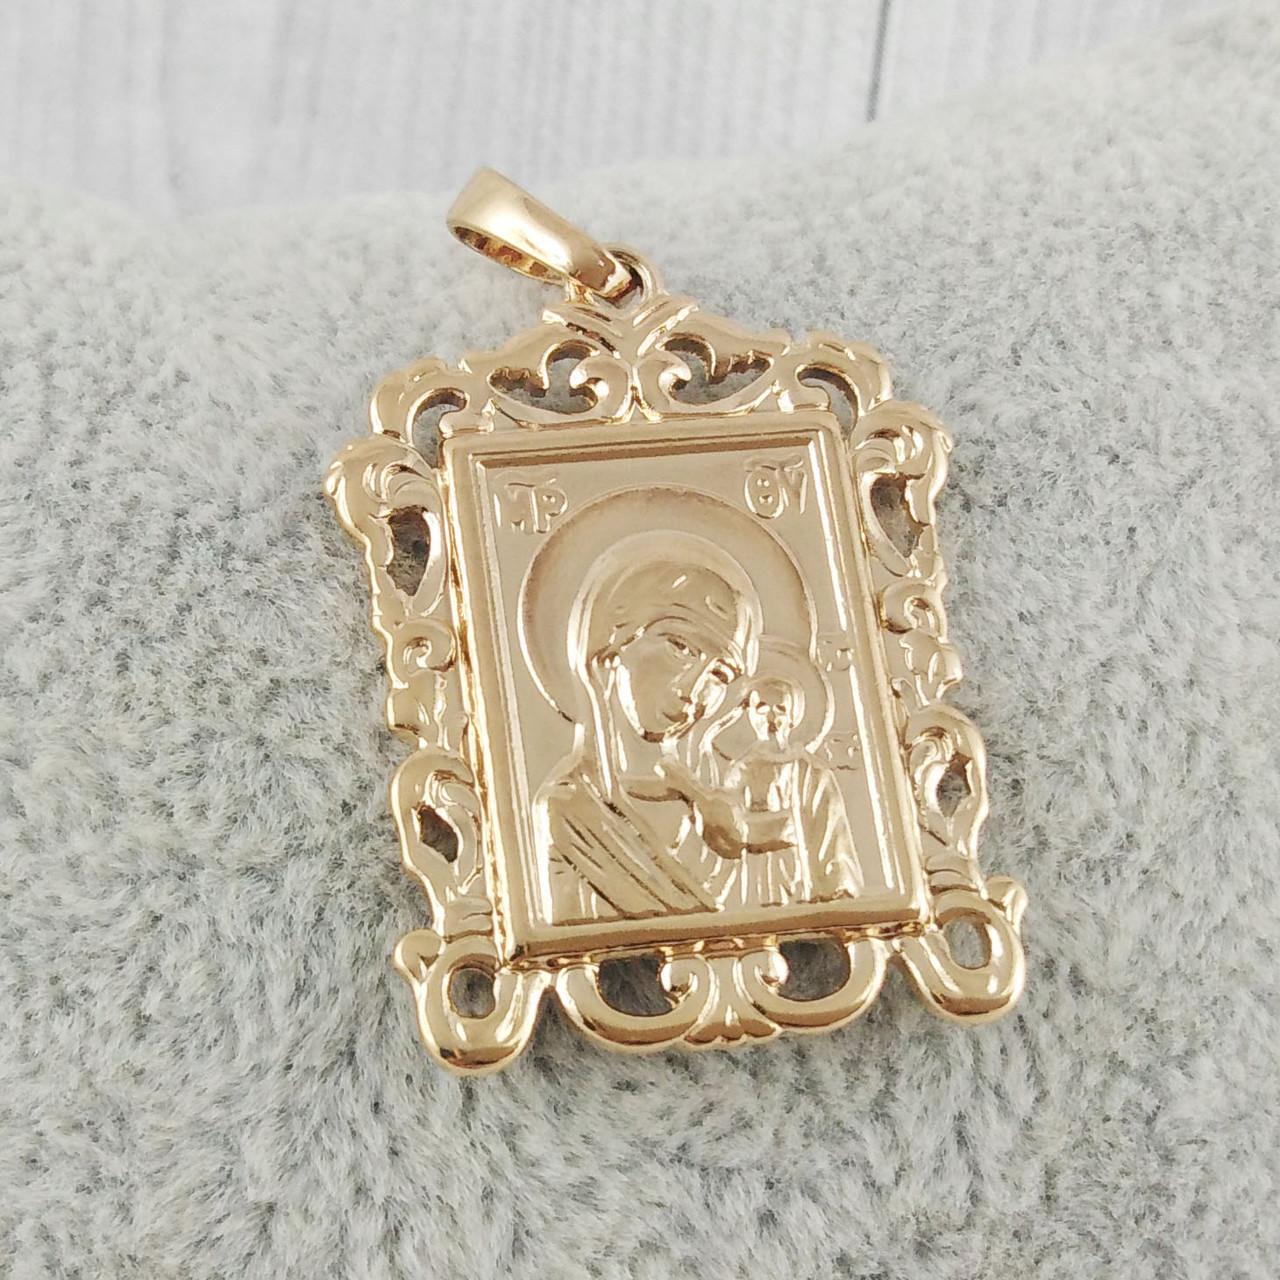 Ладанка, иконка XUPING Пресвятая Богородица  медицинское золото, позолота 18К